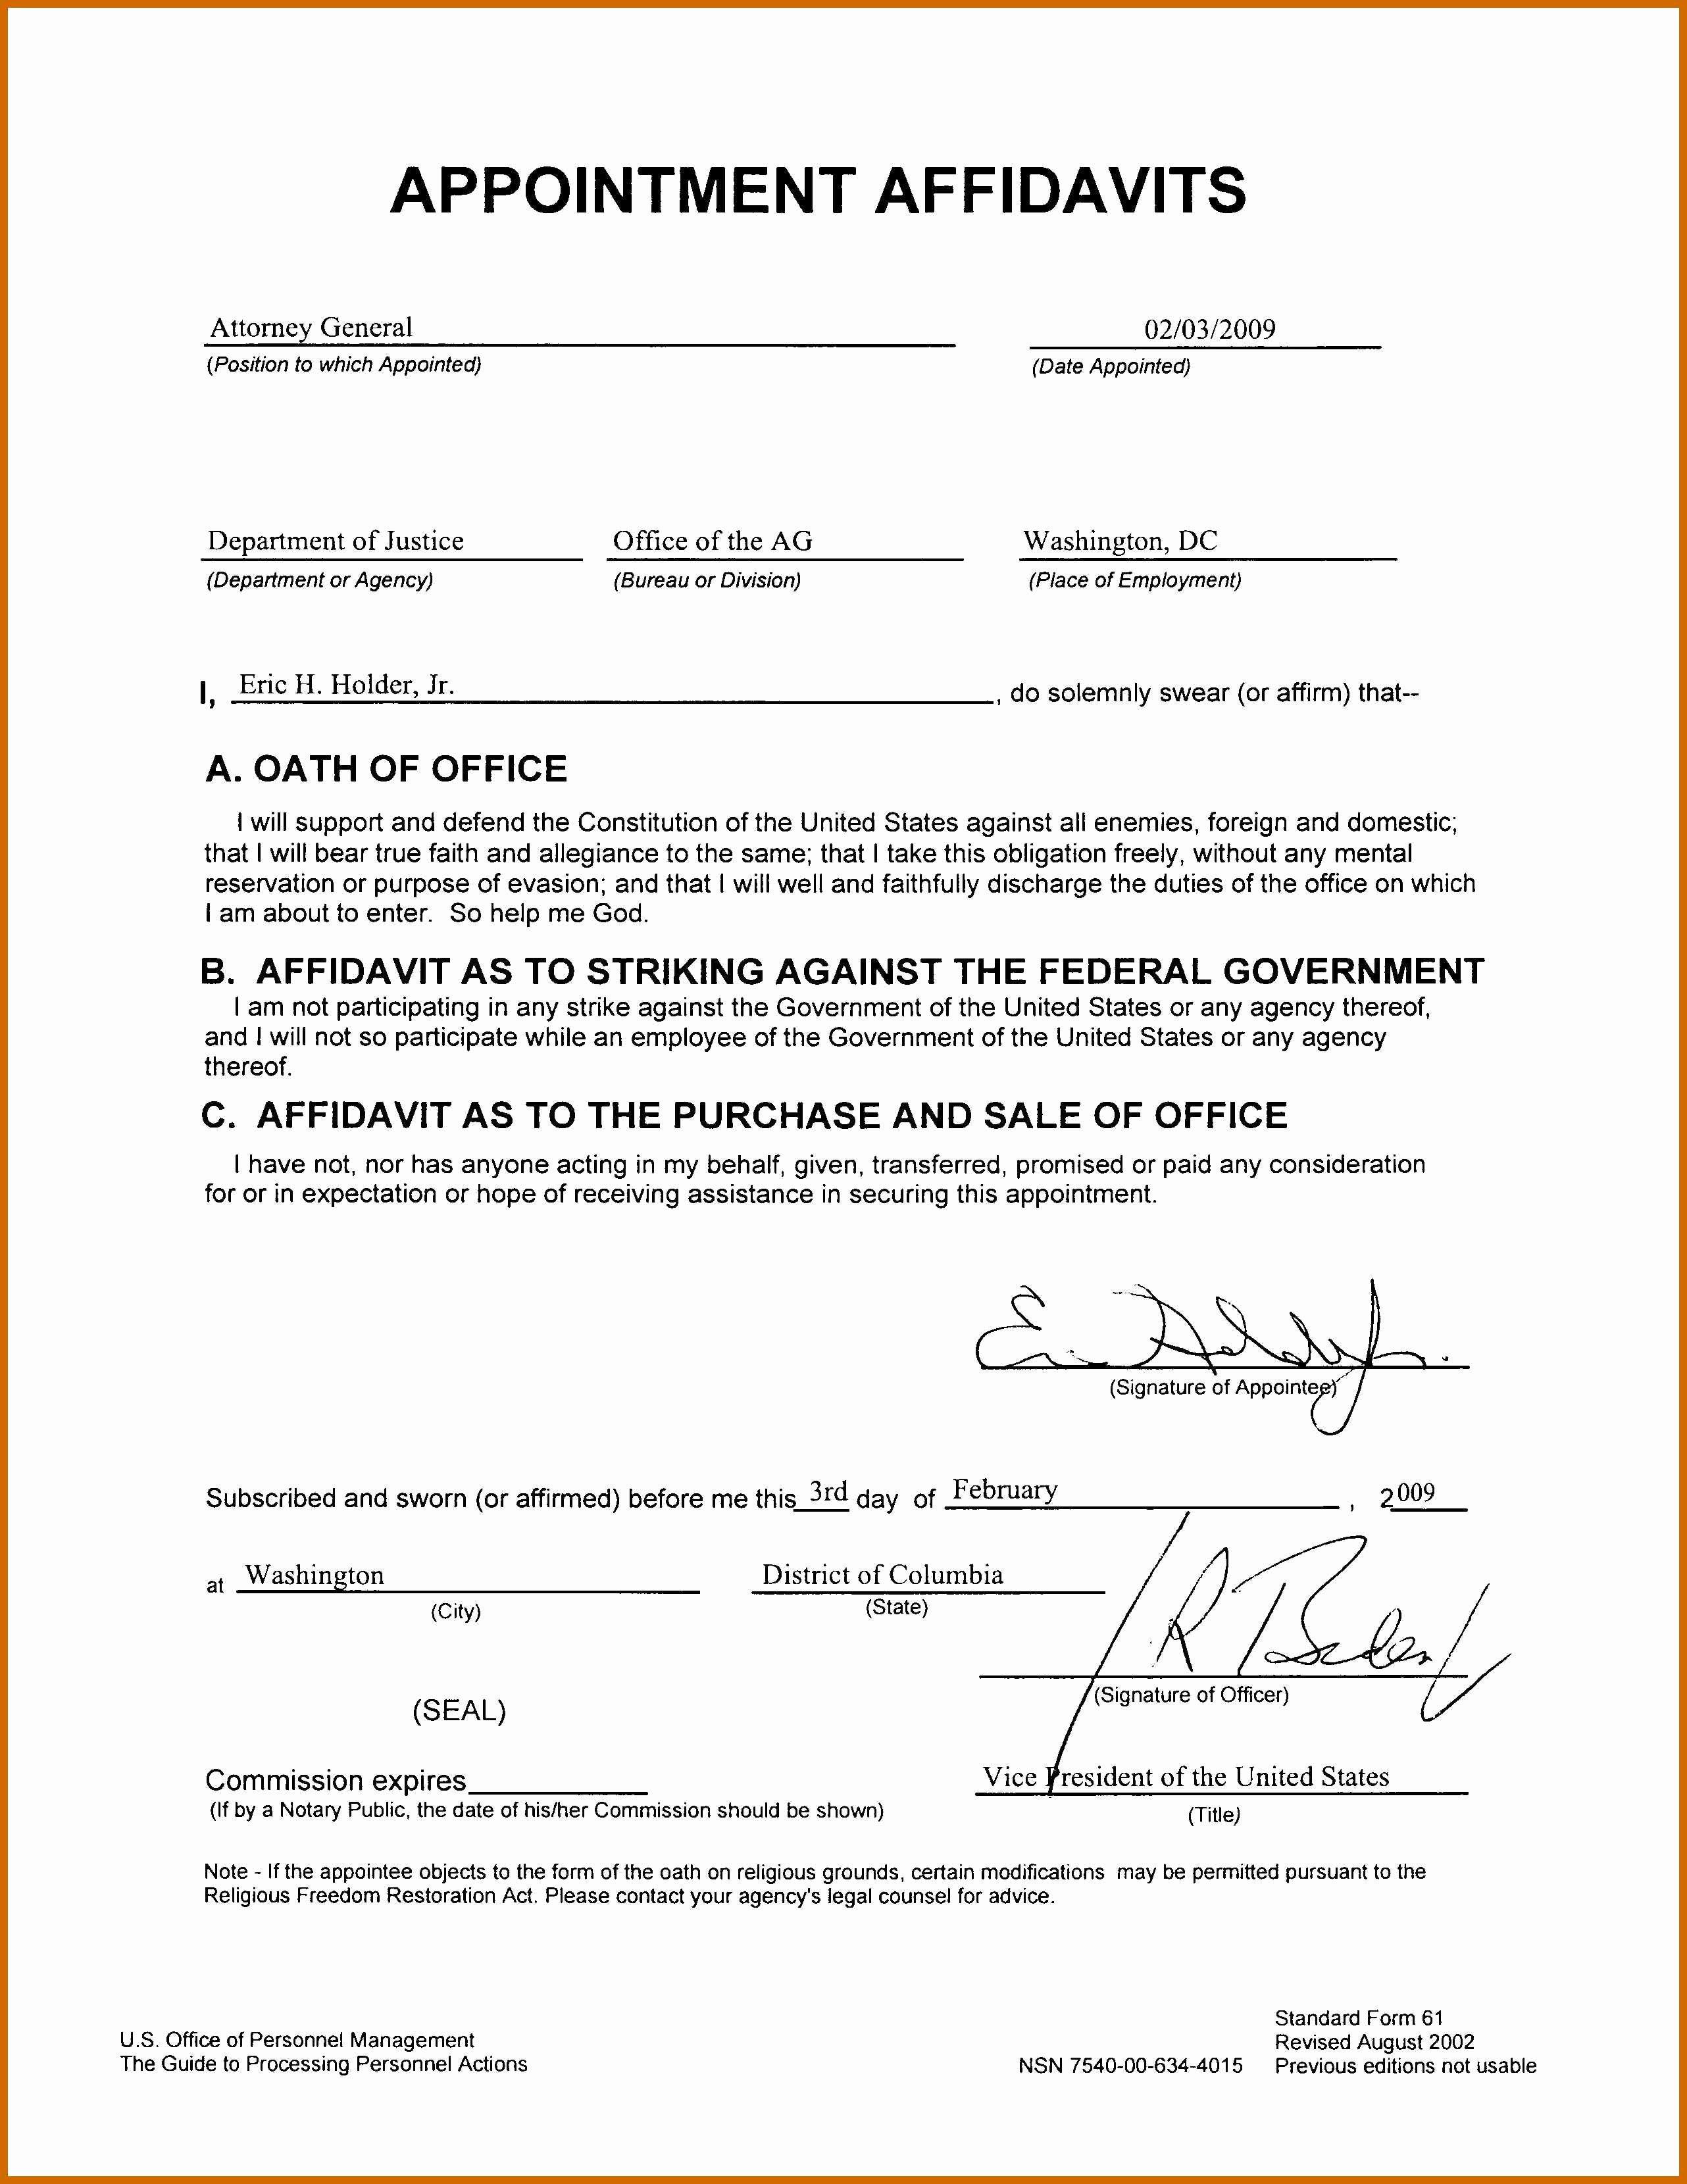 Affidavit Of Support Sample Letter Pdf Inspirational 3 4 Affidavit Sample Letter